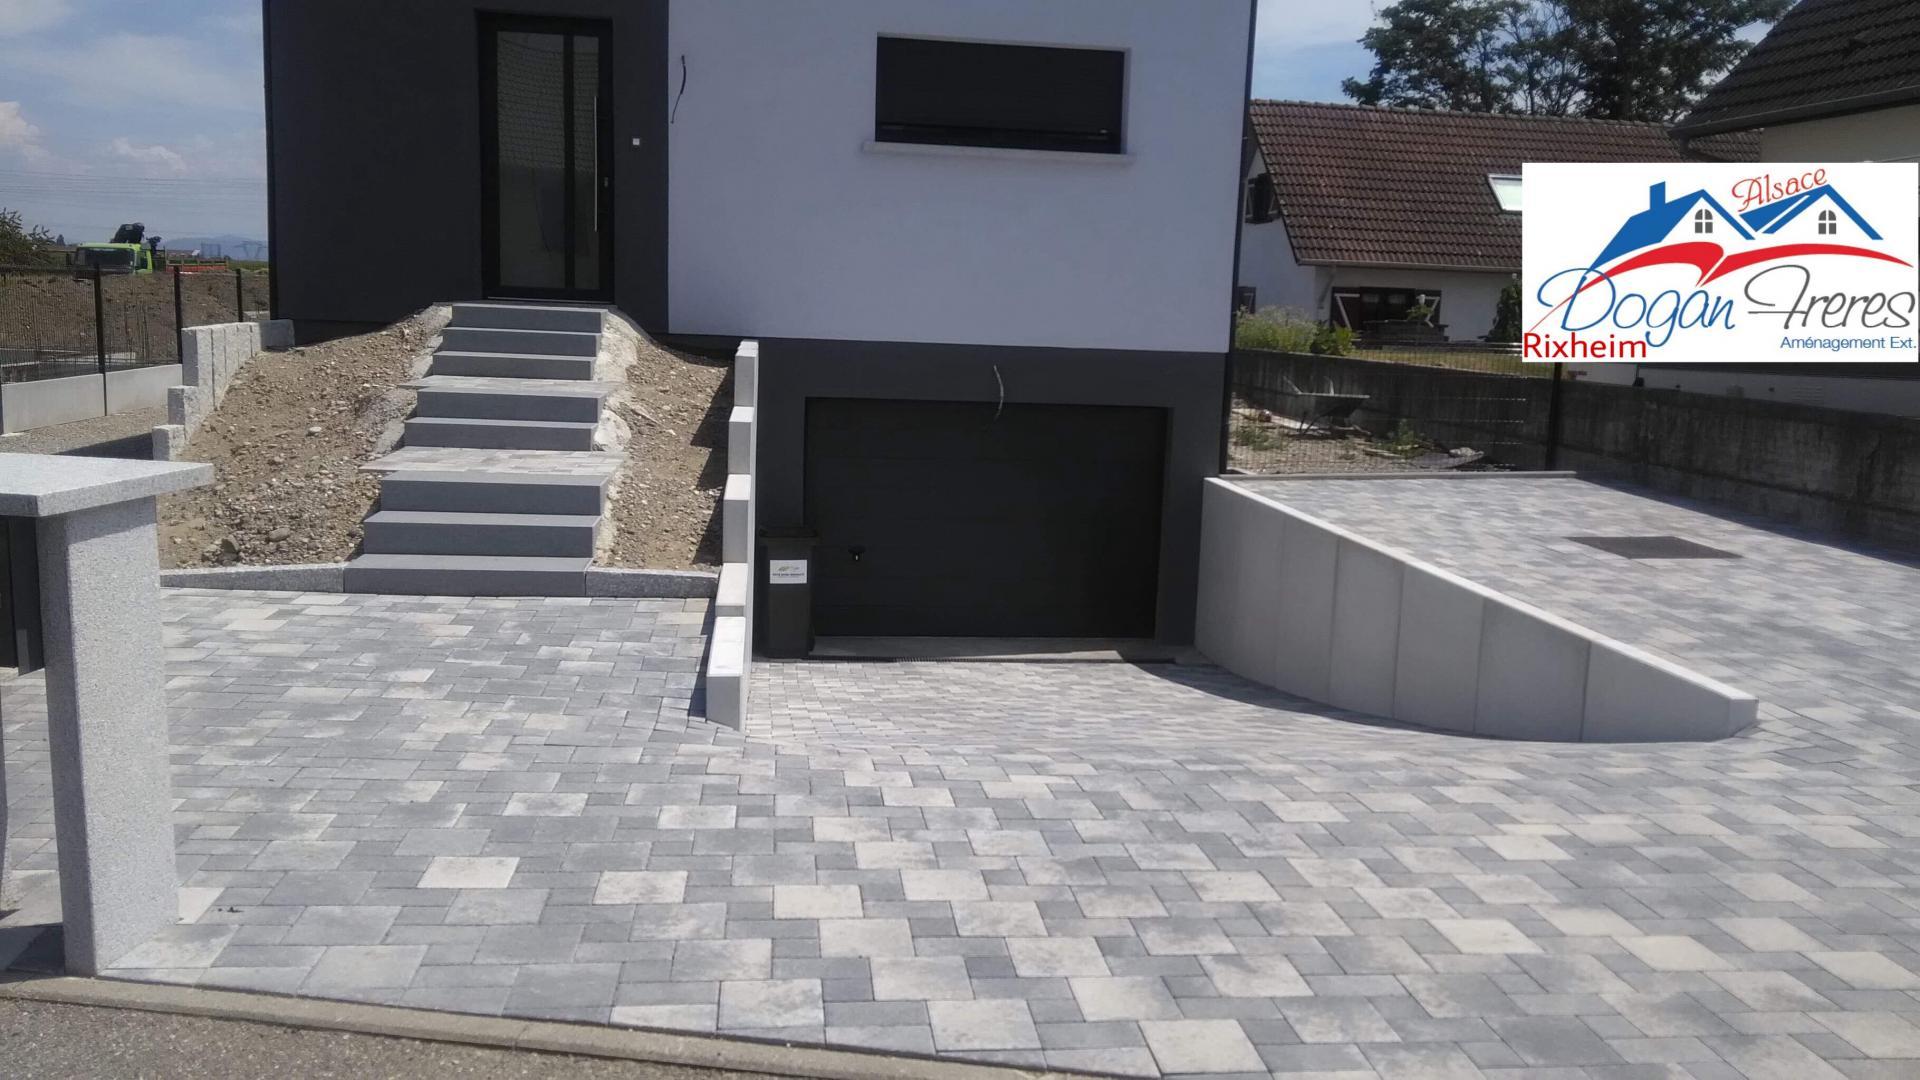 Aménagement Entrée Maison Extérieur maçons spécialistes en aménagement extérieur